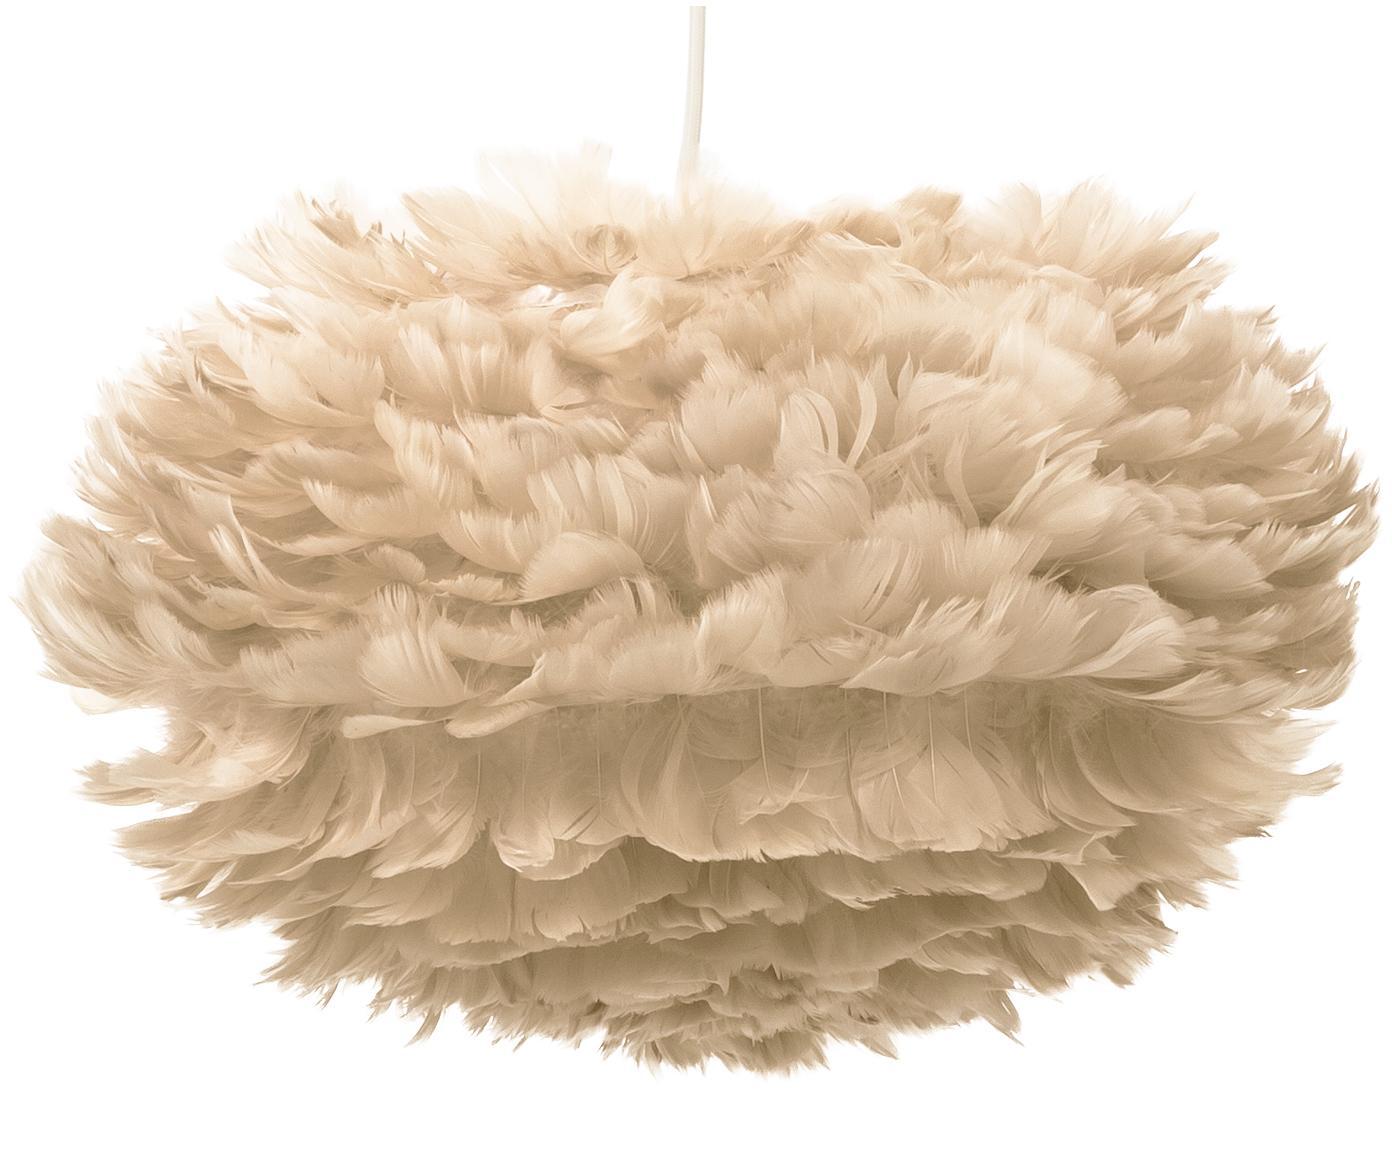 Hanglamp Eos van veren, Lampenkap: ganzenveren, staal, Beige, wit, Ø 45 x H 30 cm